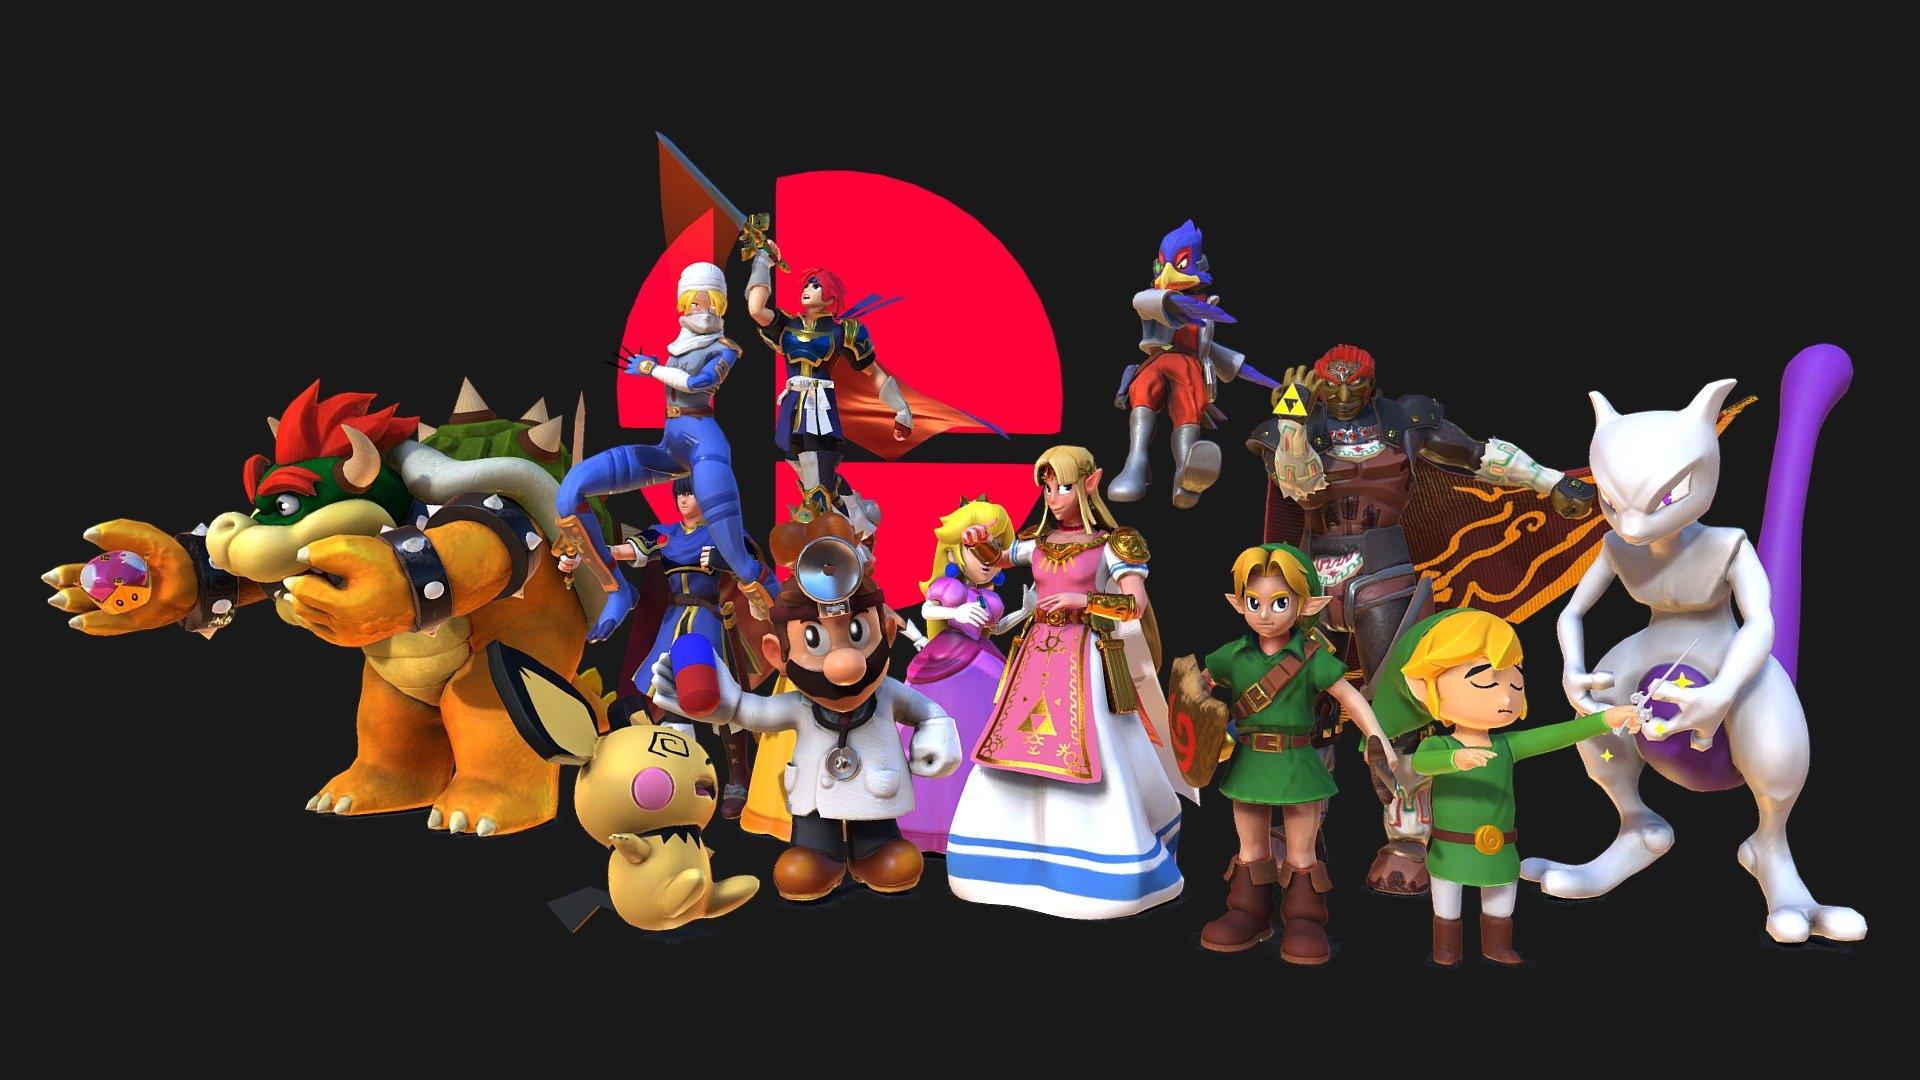 Super Smash Bros Melee Fighters 3d Model By Giru Giru